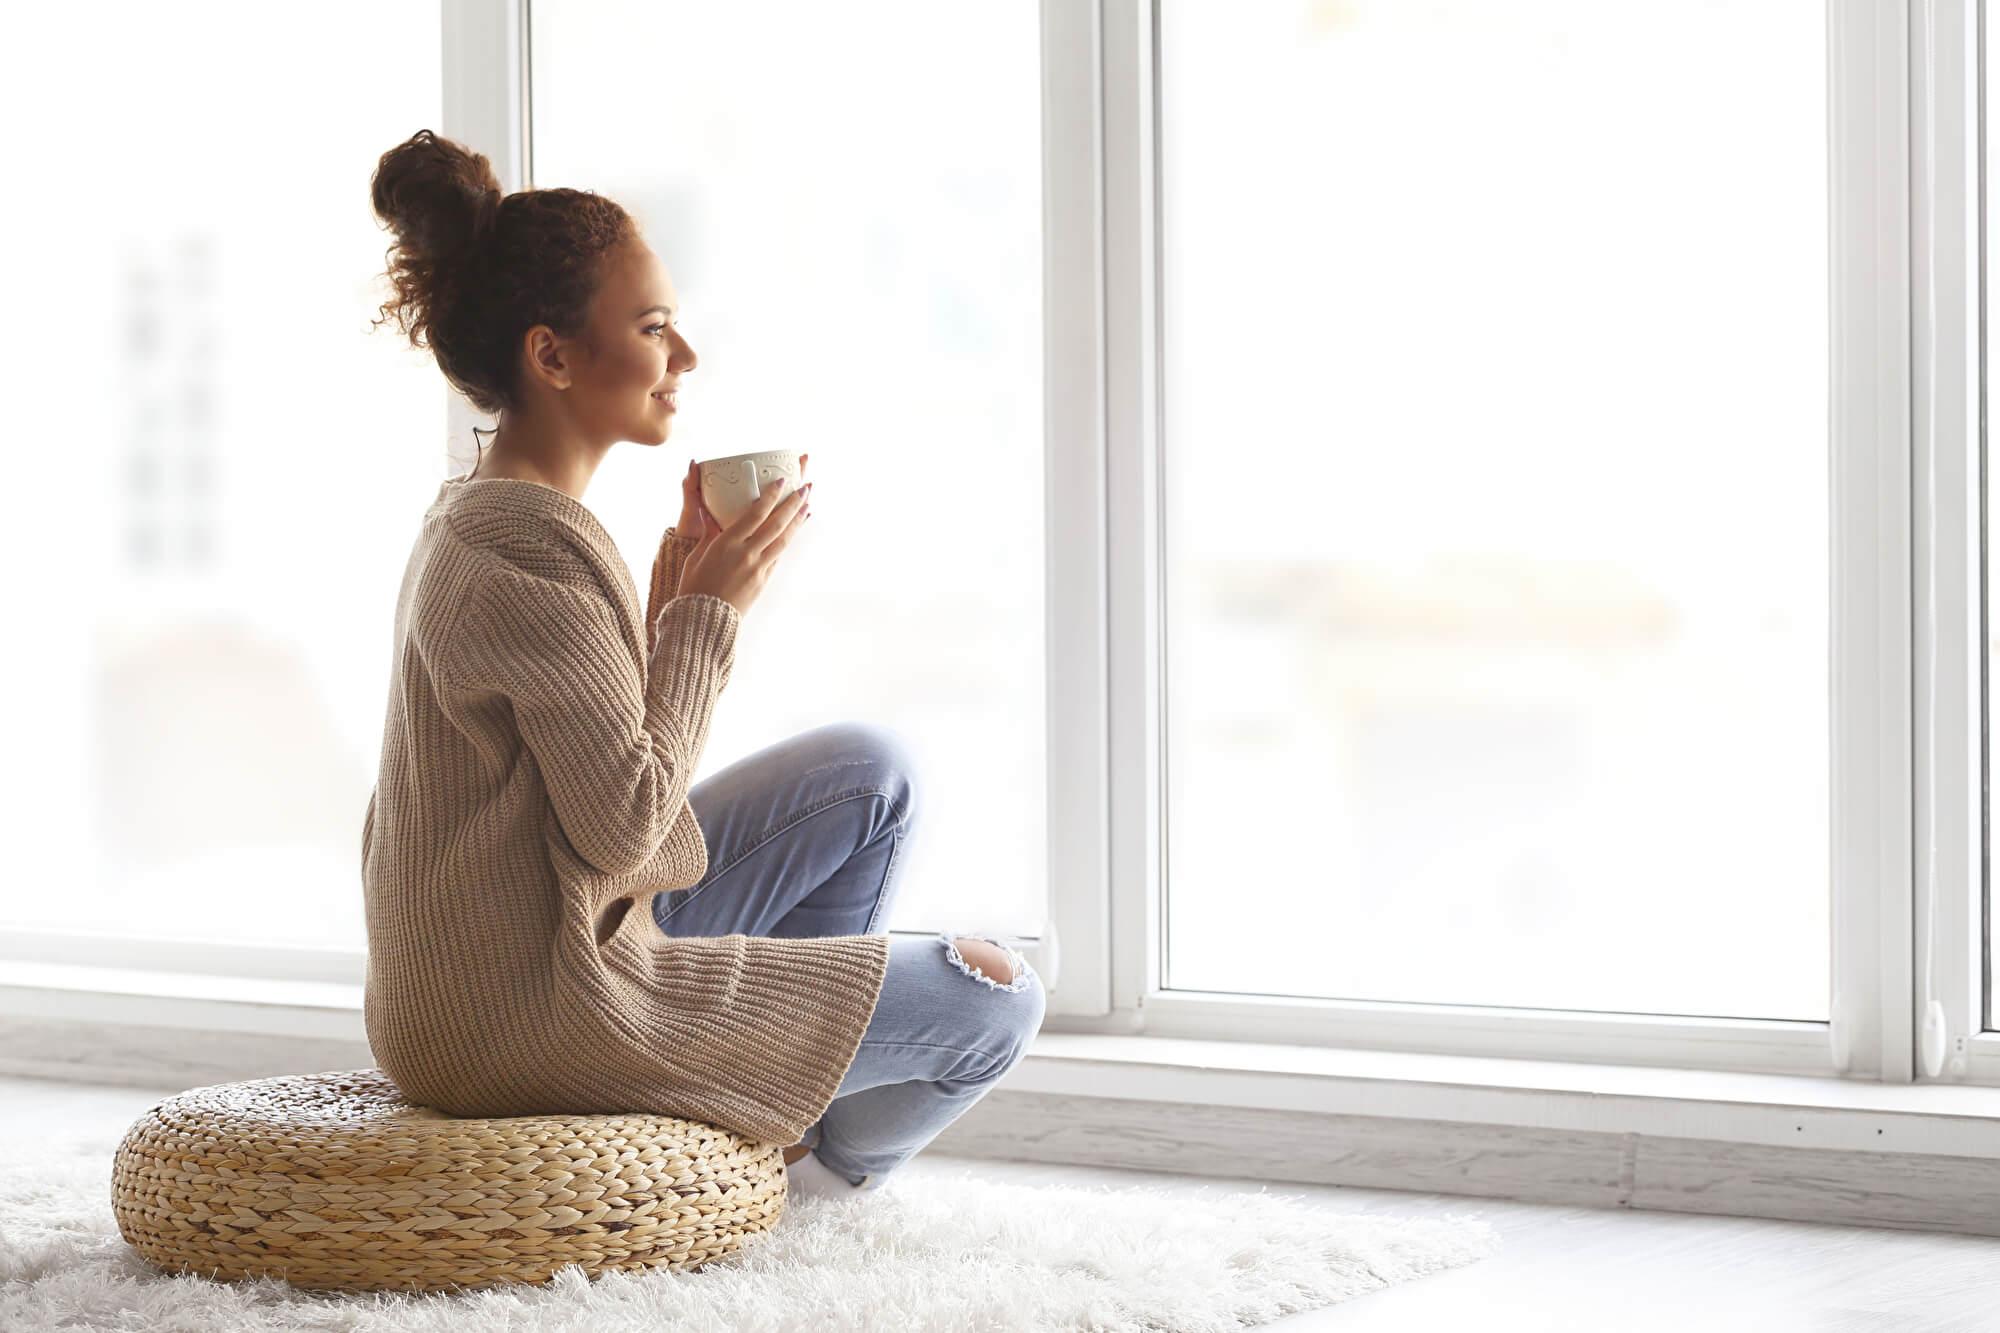 ストレス知らずの毎日に。おすすめリラックス方法をご紹介